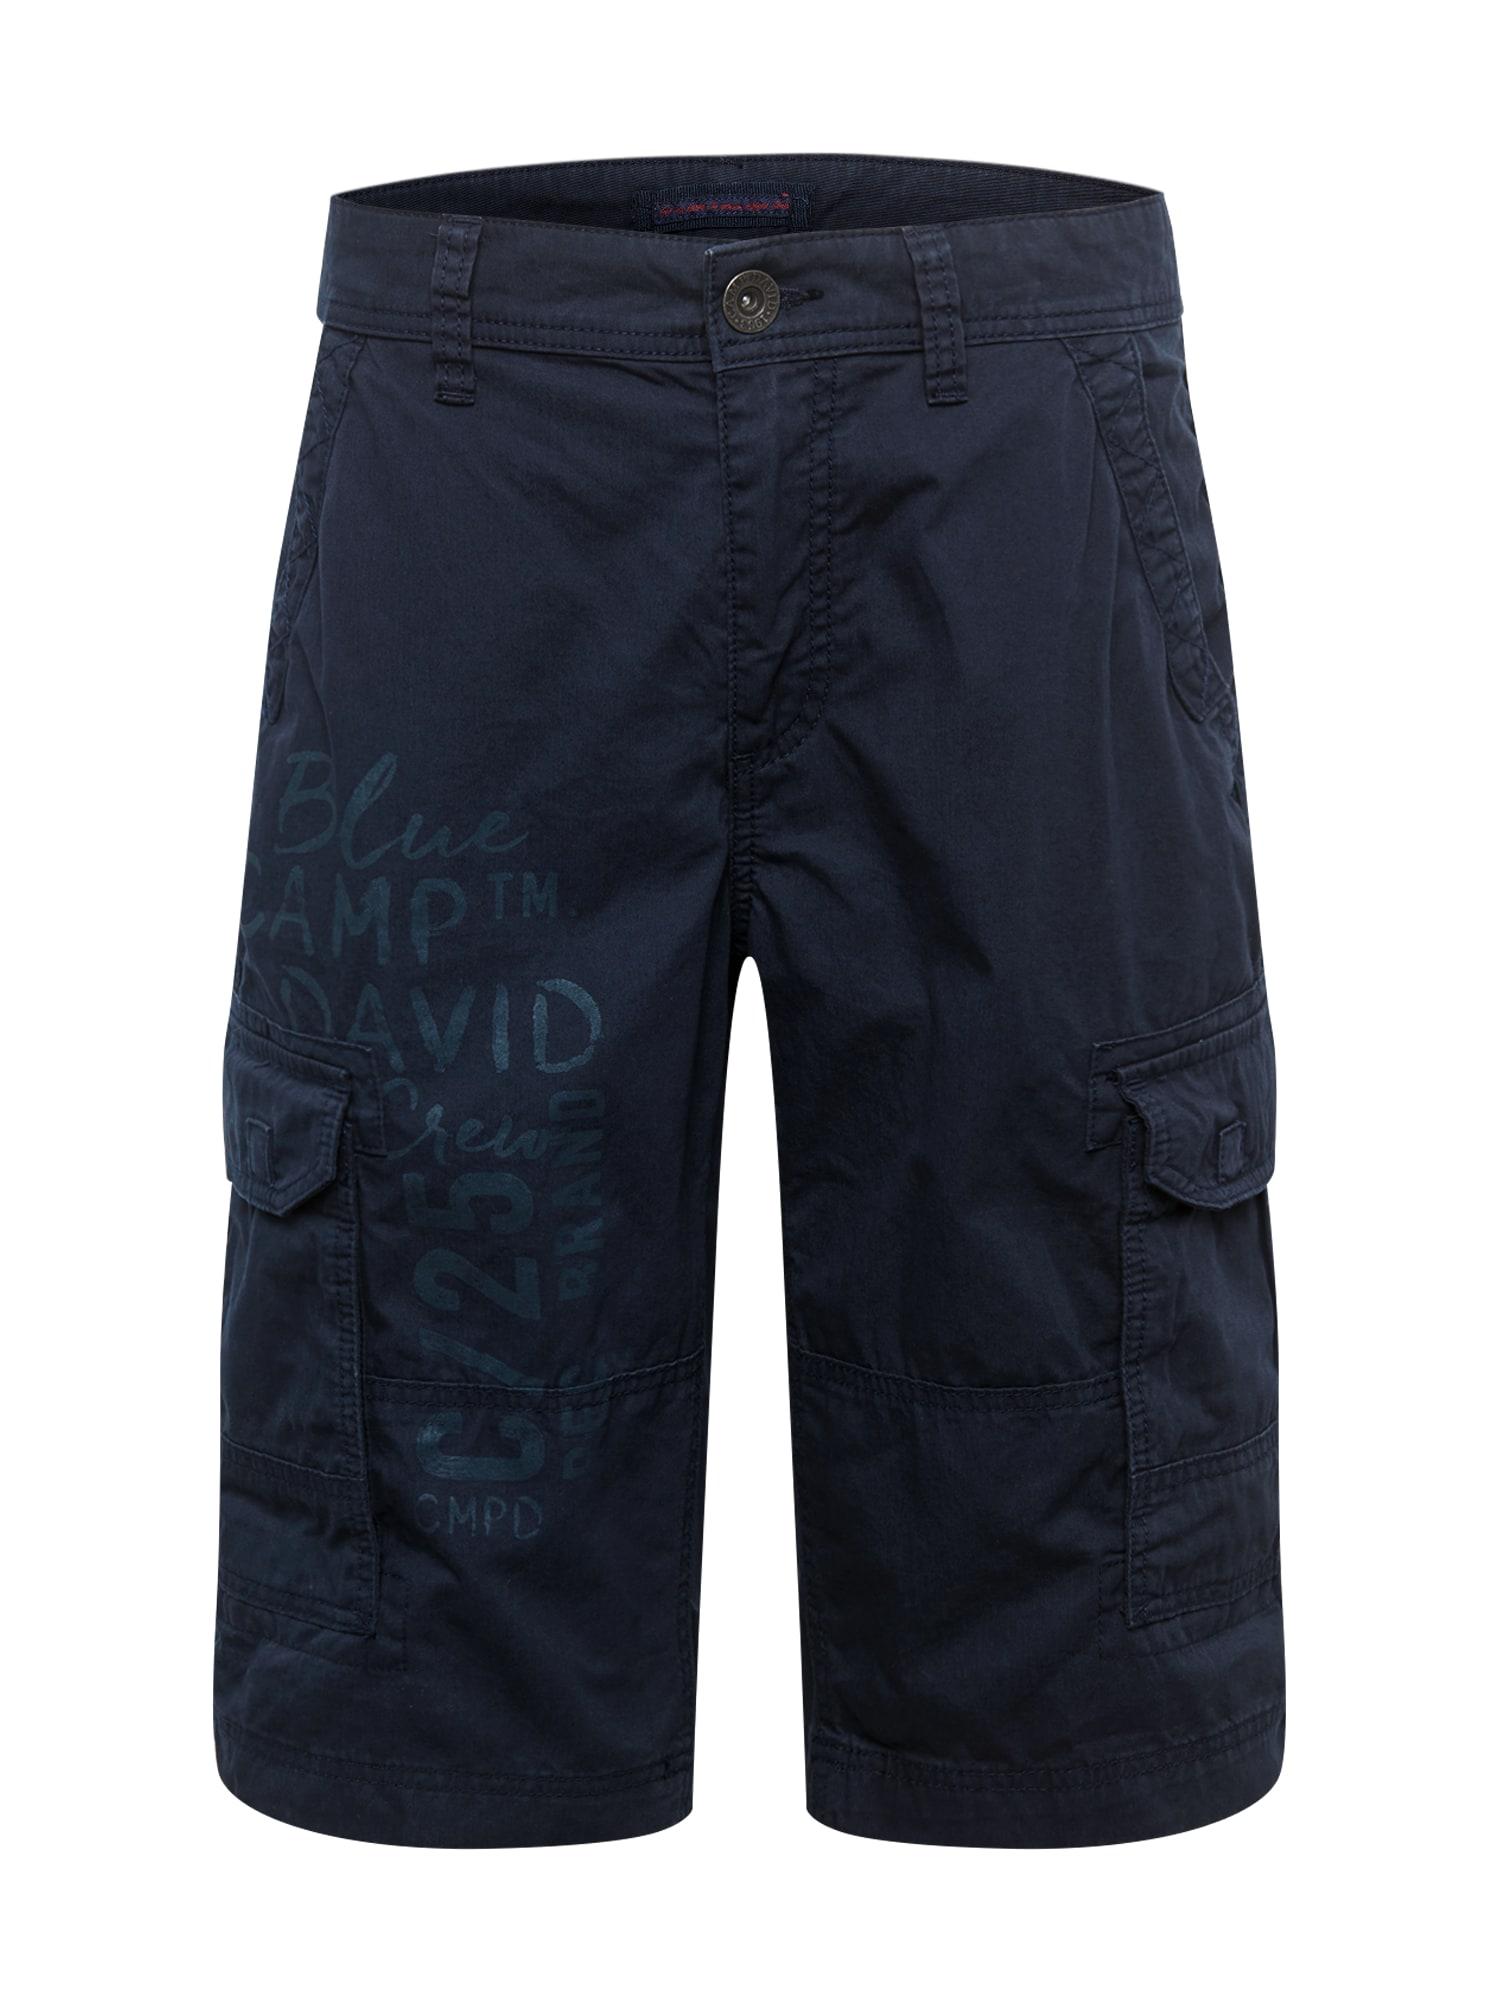 CAMP DAVID Laisvo stiliaus kelnės 'Skater' tamsiai mėlyna